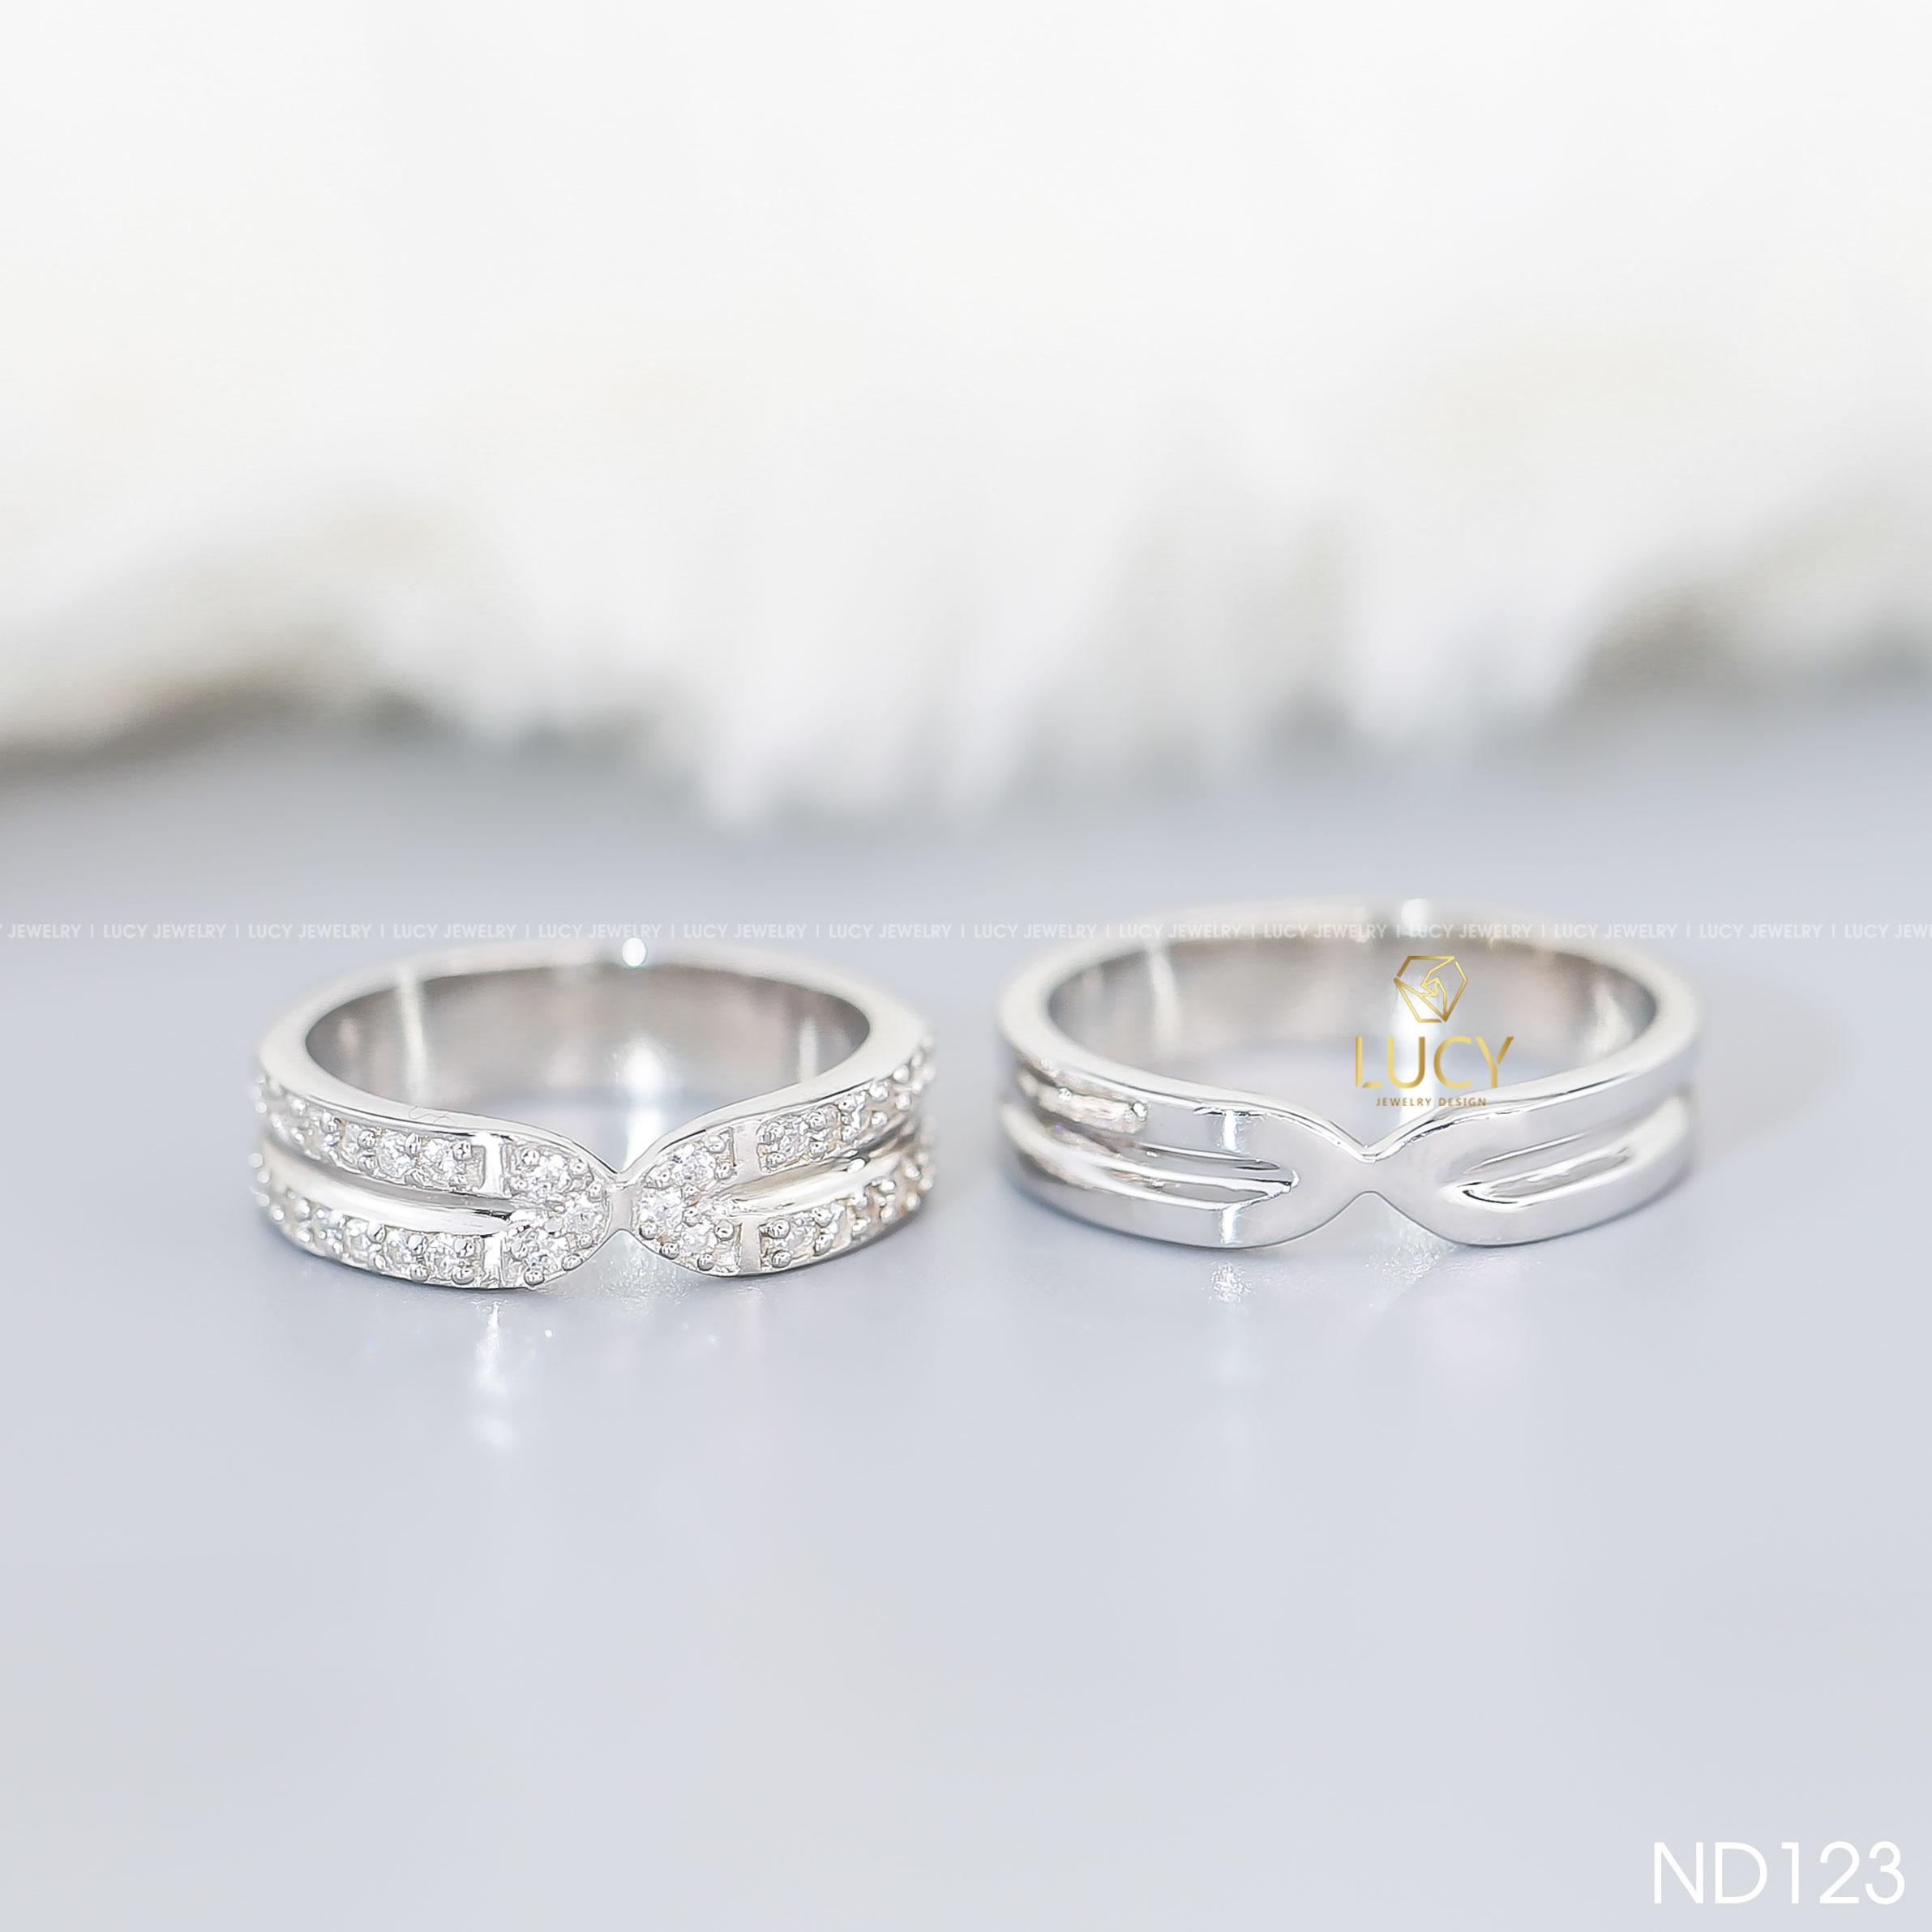 Nhẫn đôi nhẫn cặp bạc Lucy - ND123